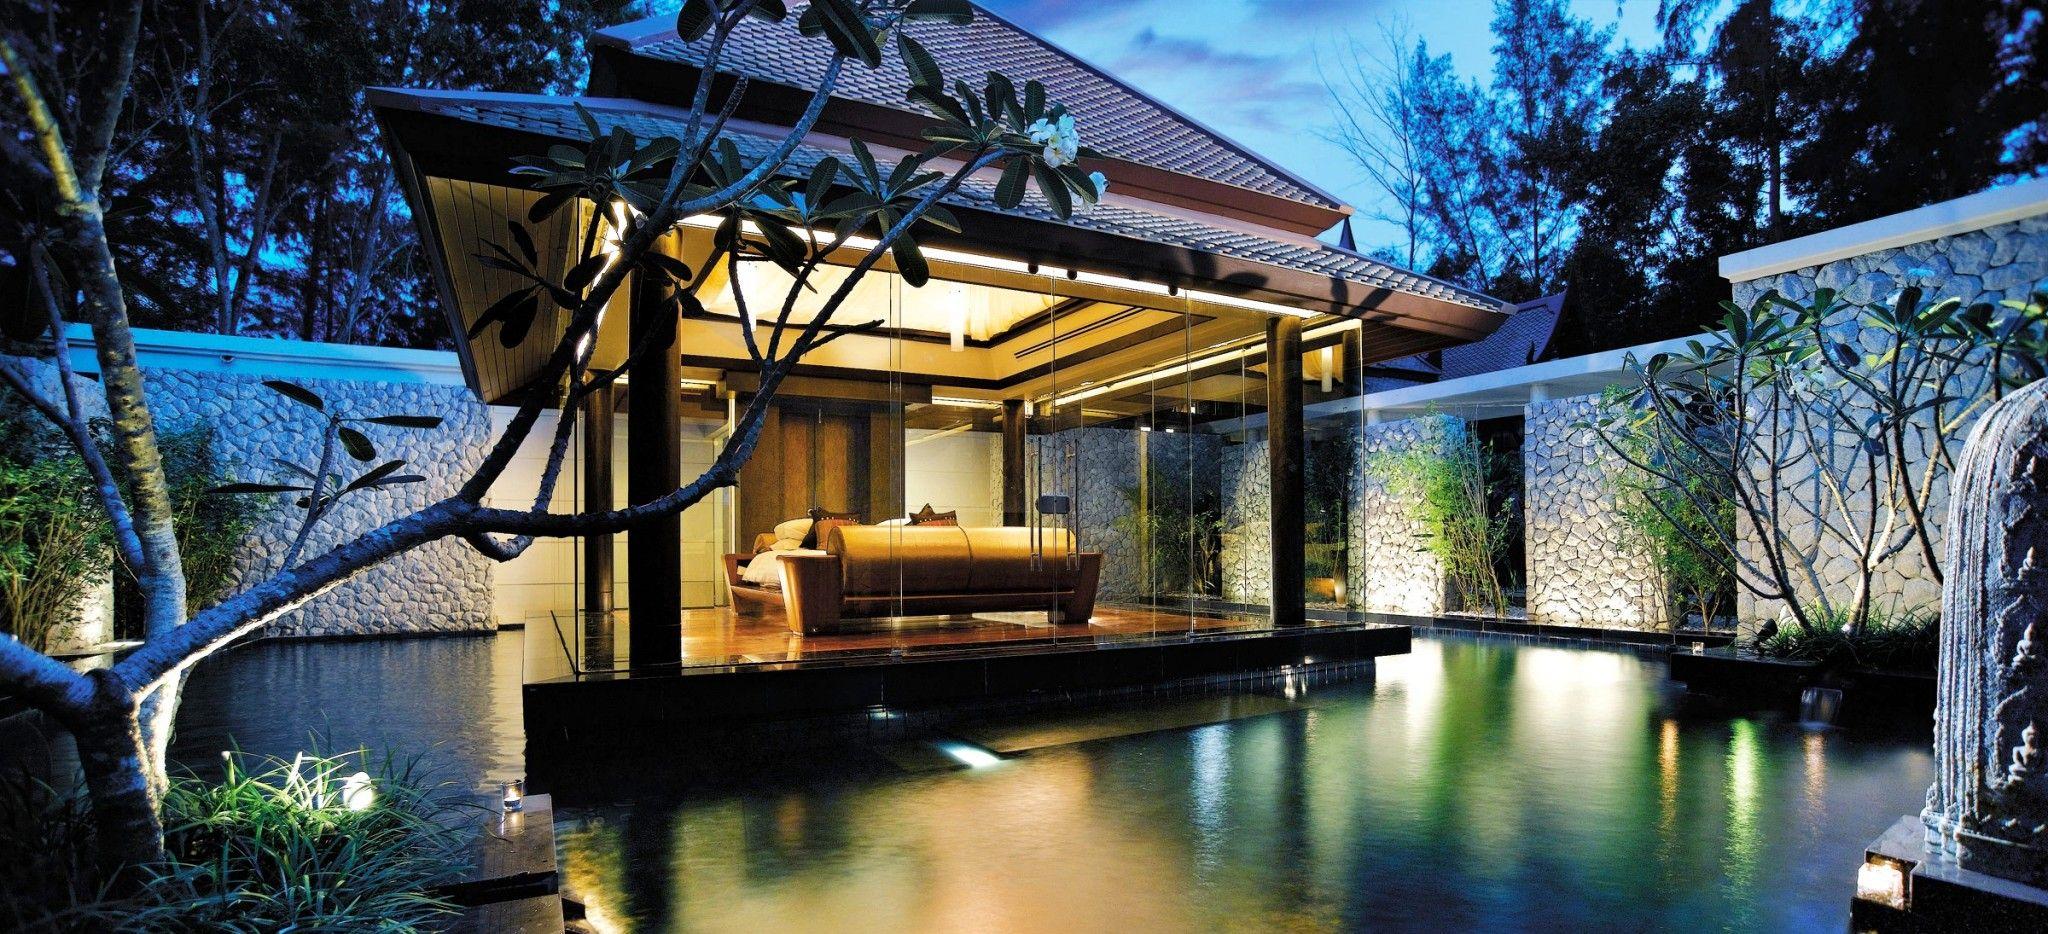 Ein Pavillion in der Mitte einer Pools bei Nacht, beleuchtet